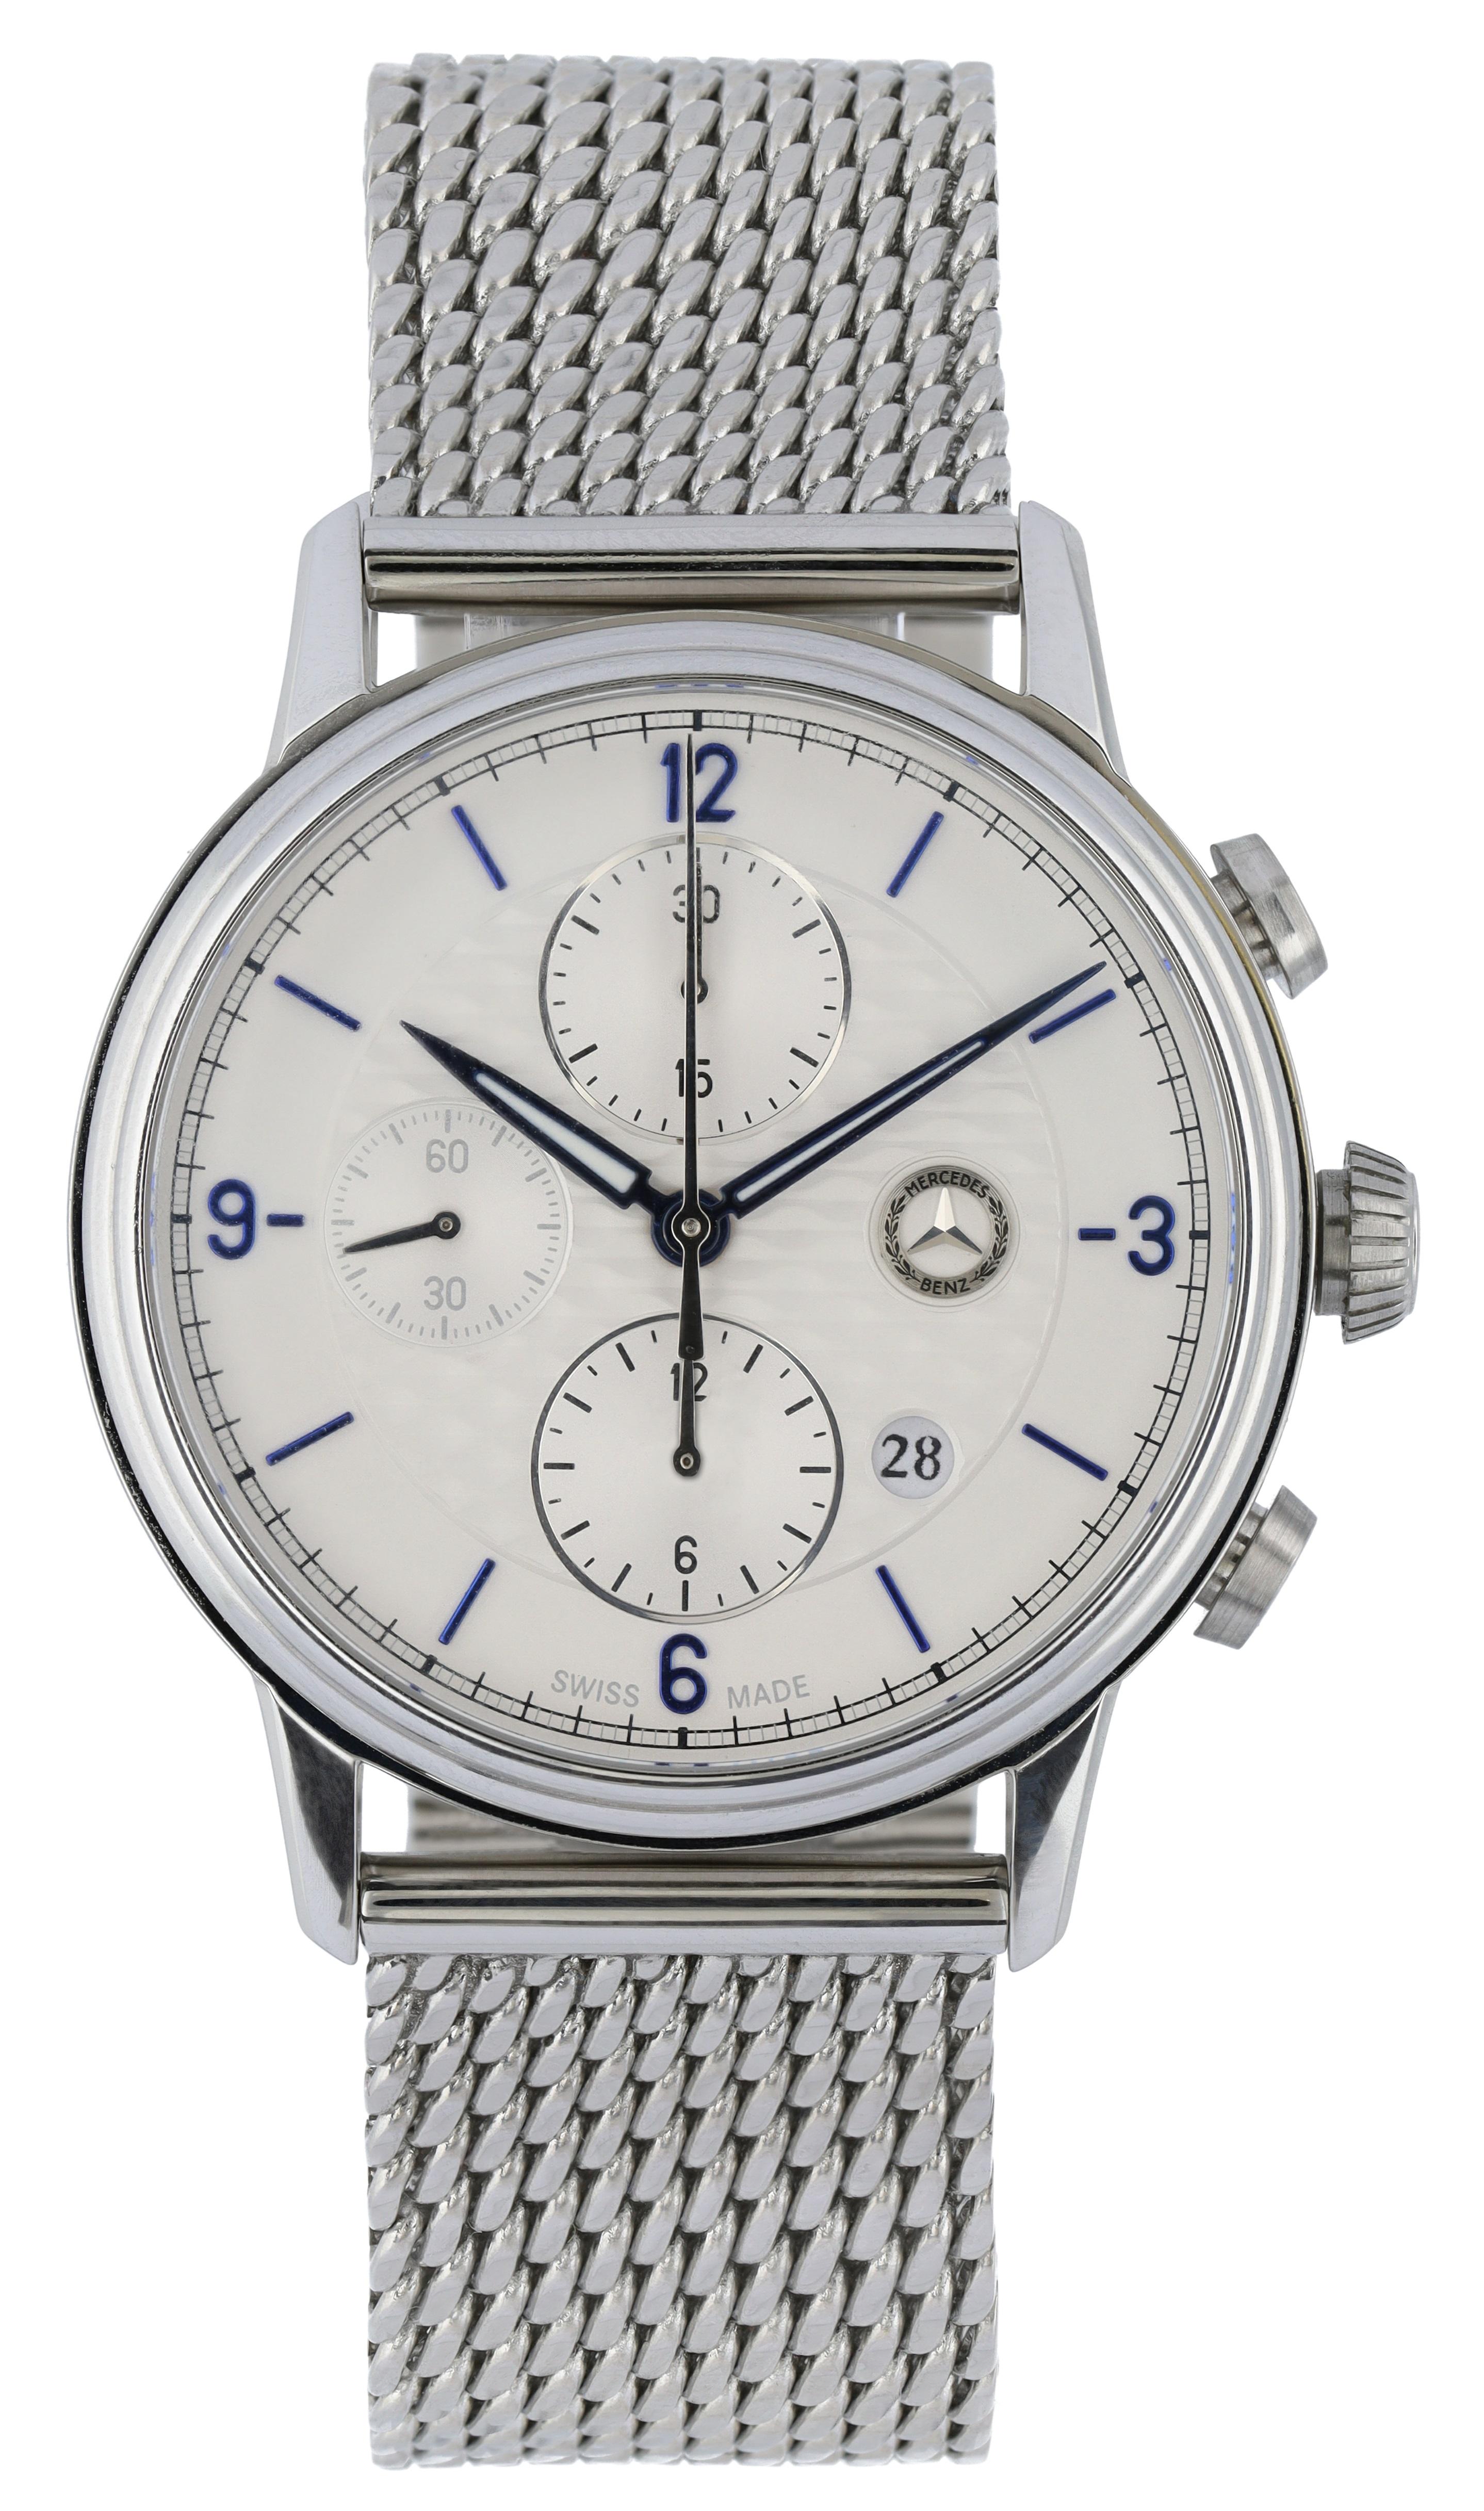 Montre chronographe automatique homme, Classic